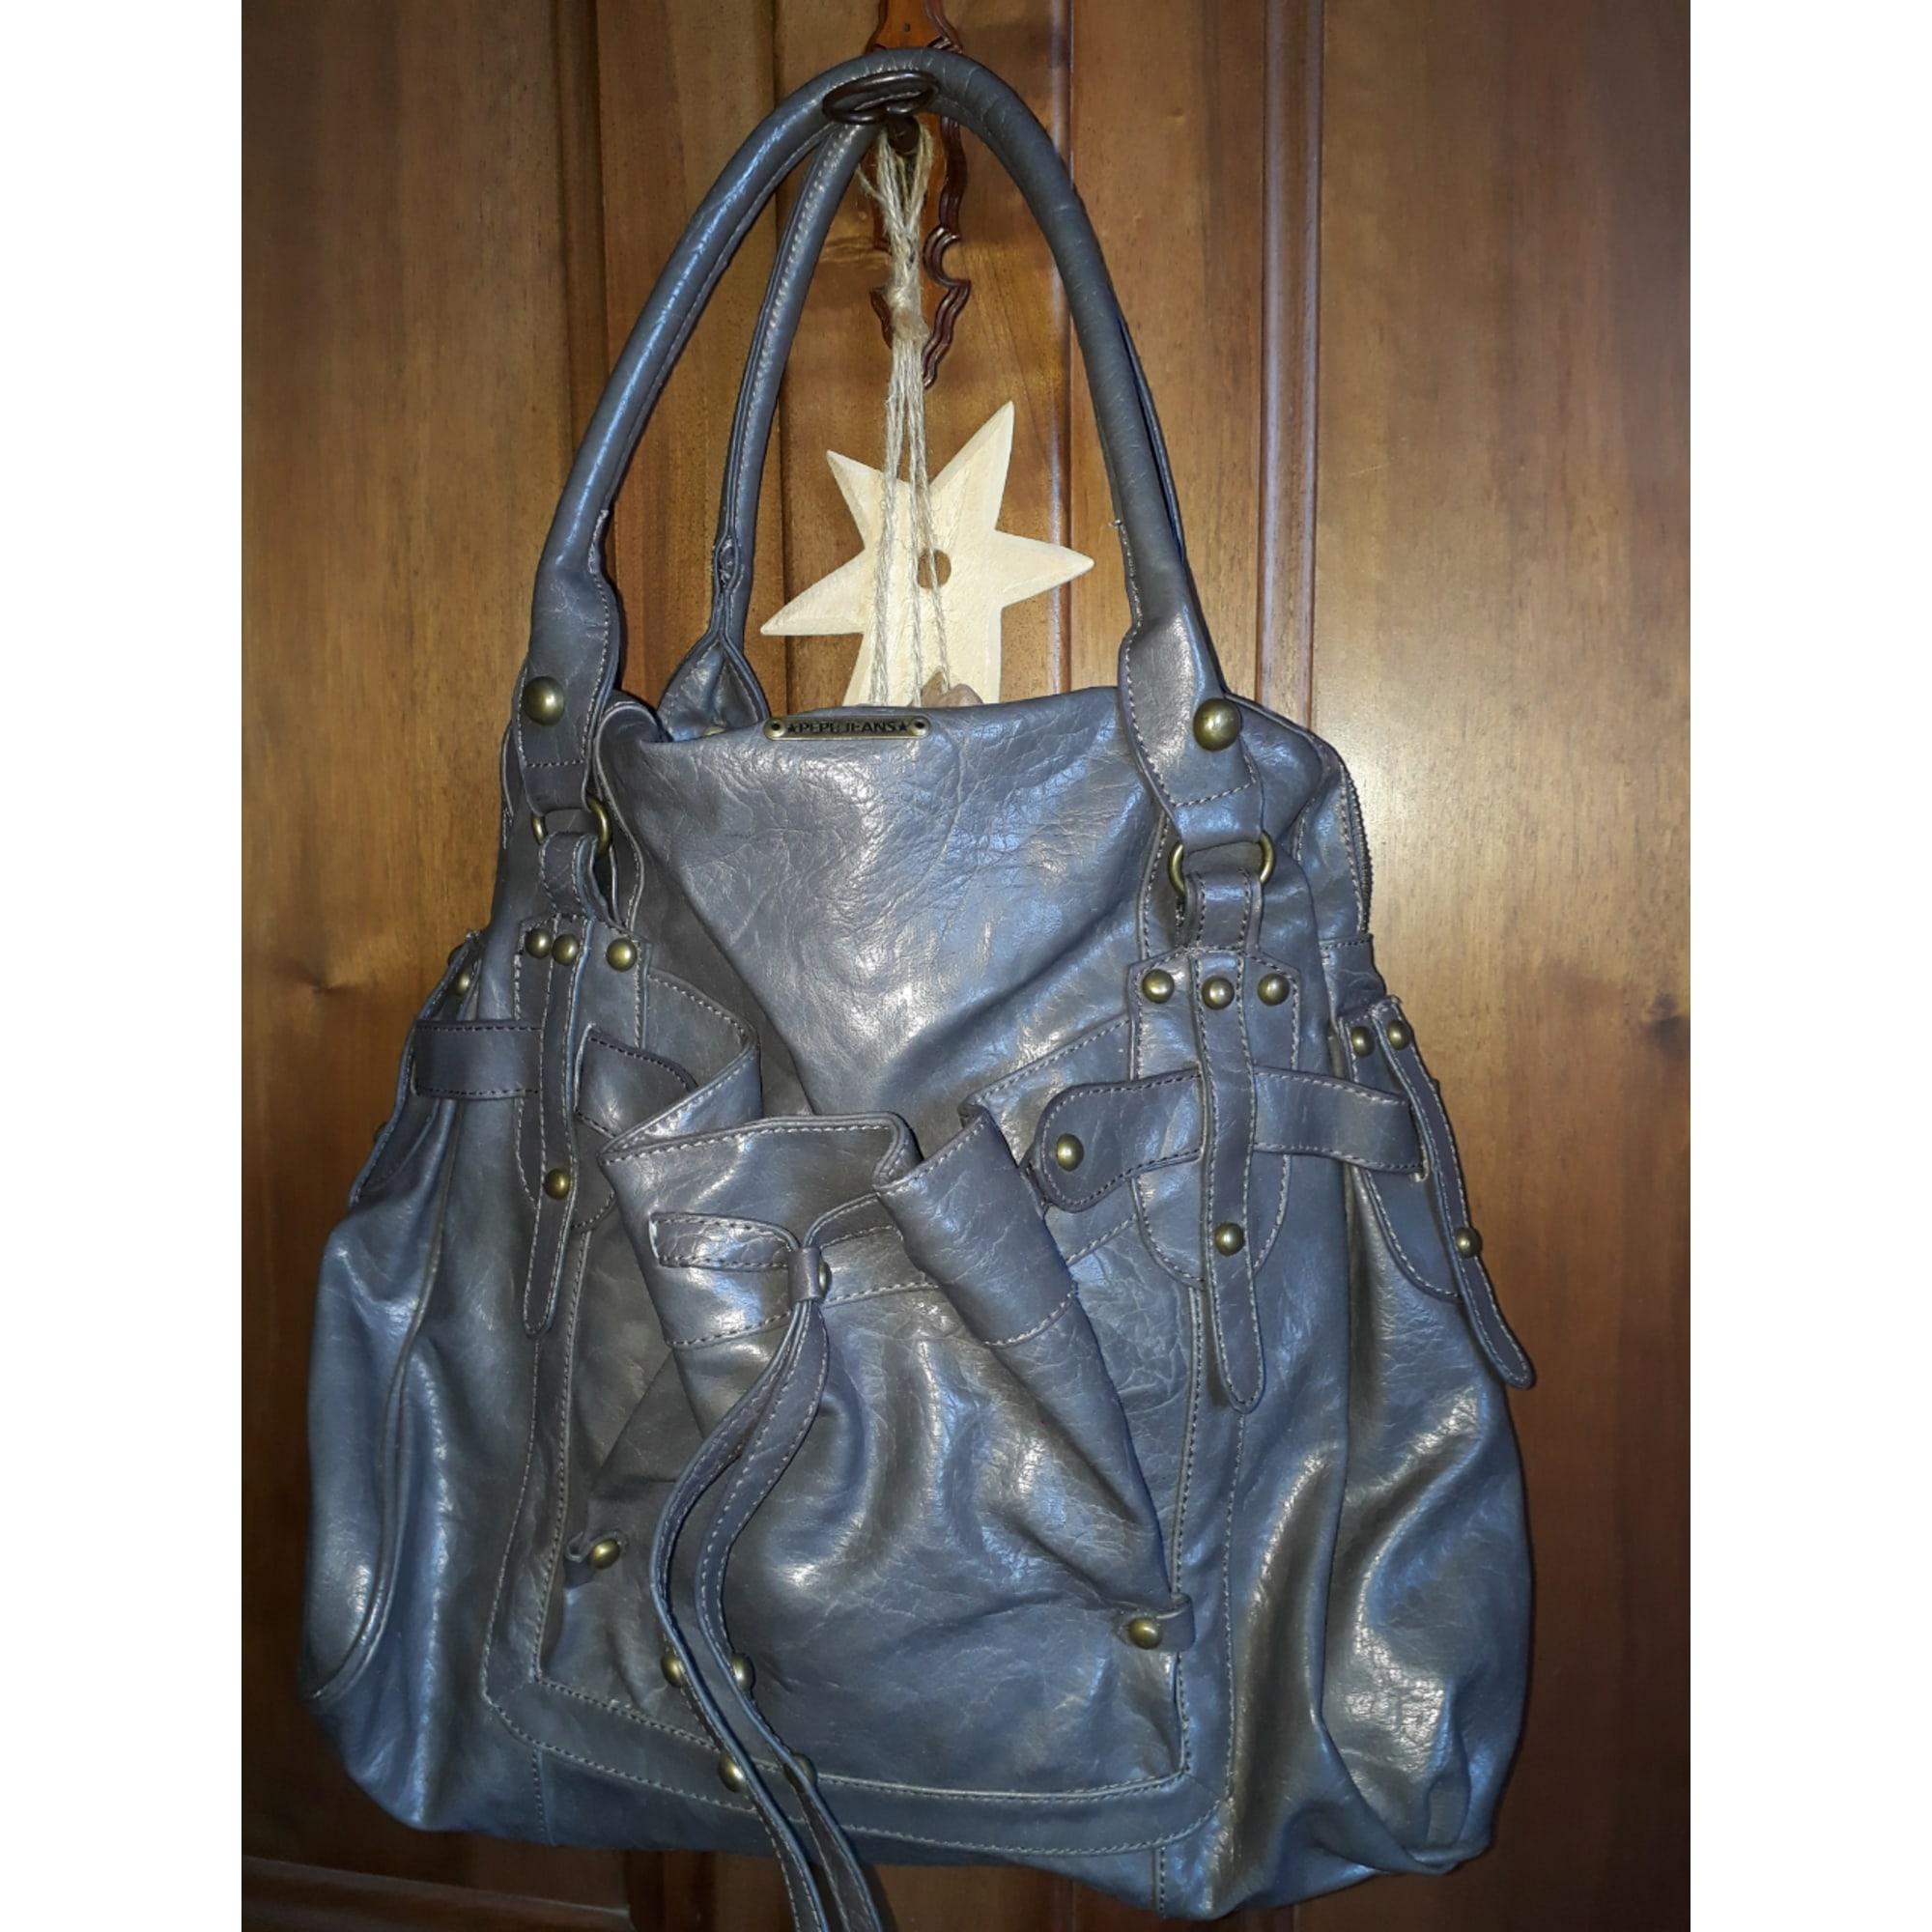 555f09153e2 Sac à main en cuir PEPE JEANS gris vendu par Stephanie 6705 - 6806106